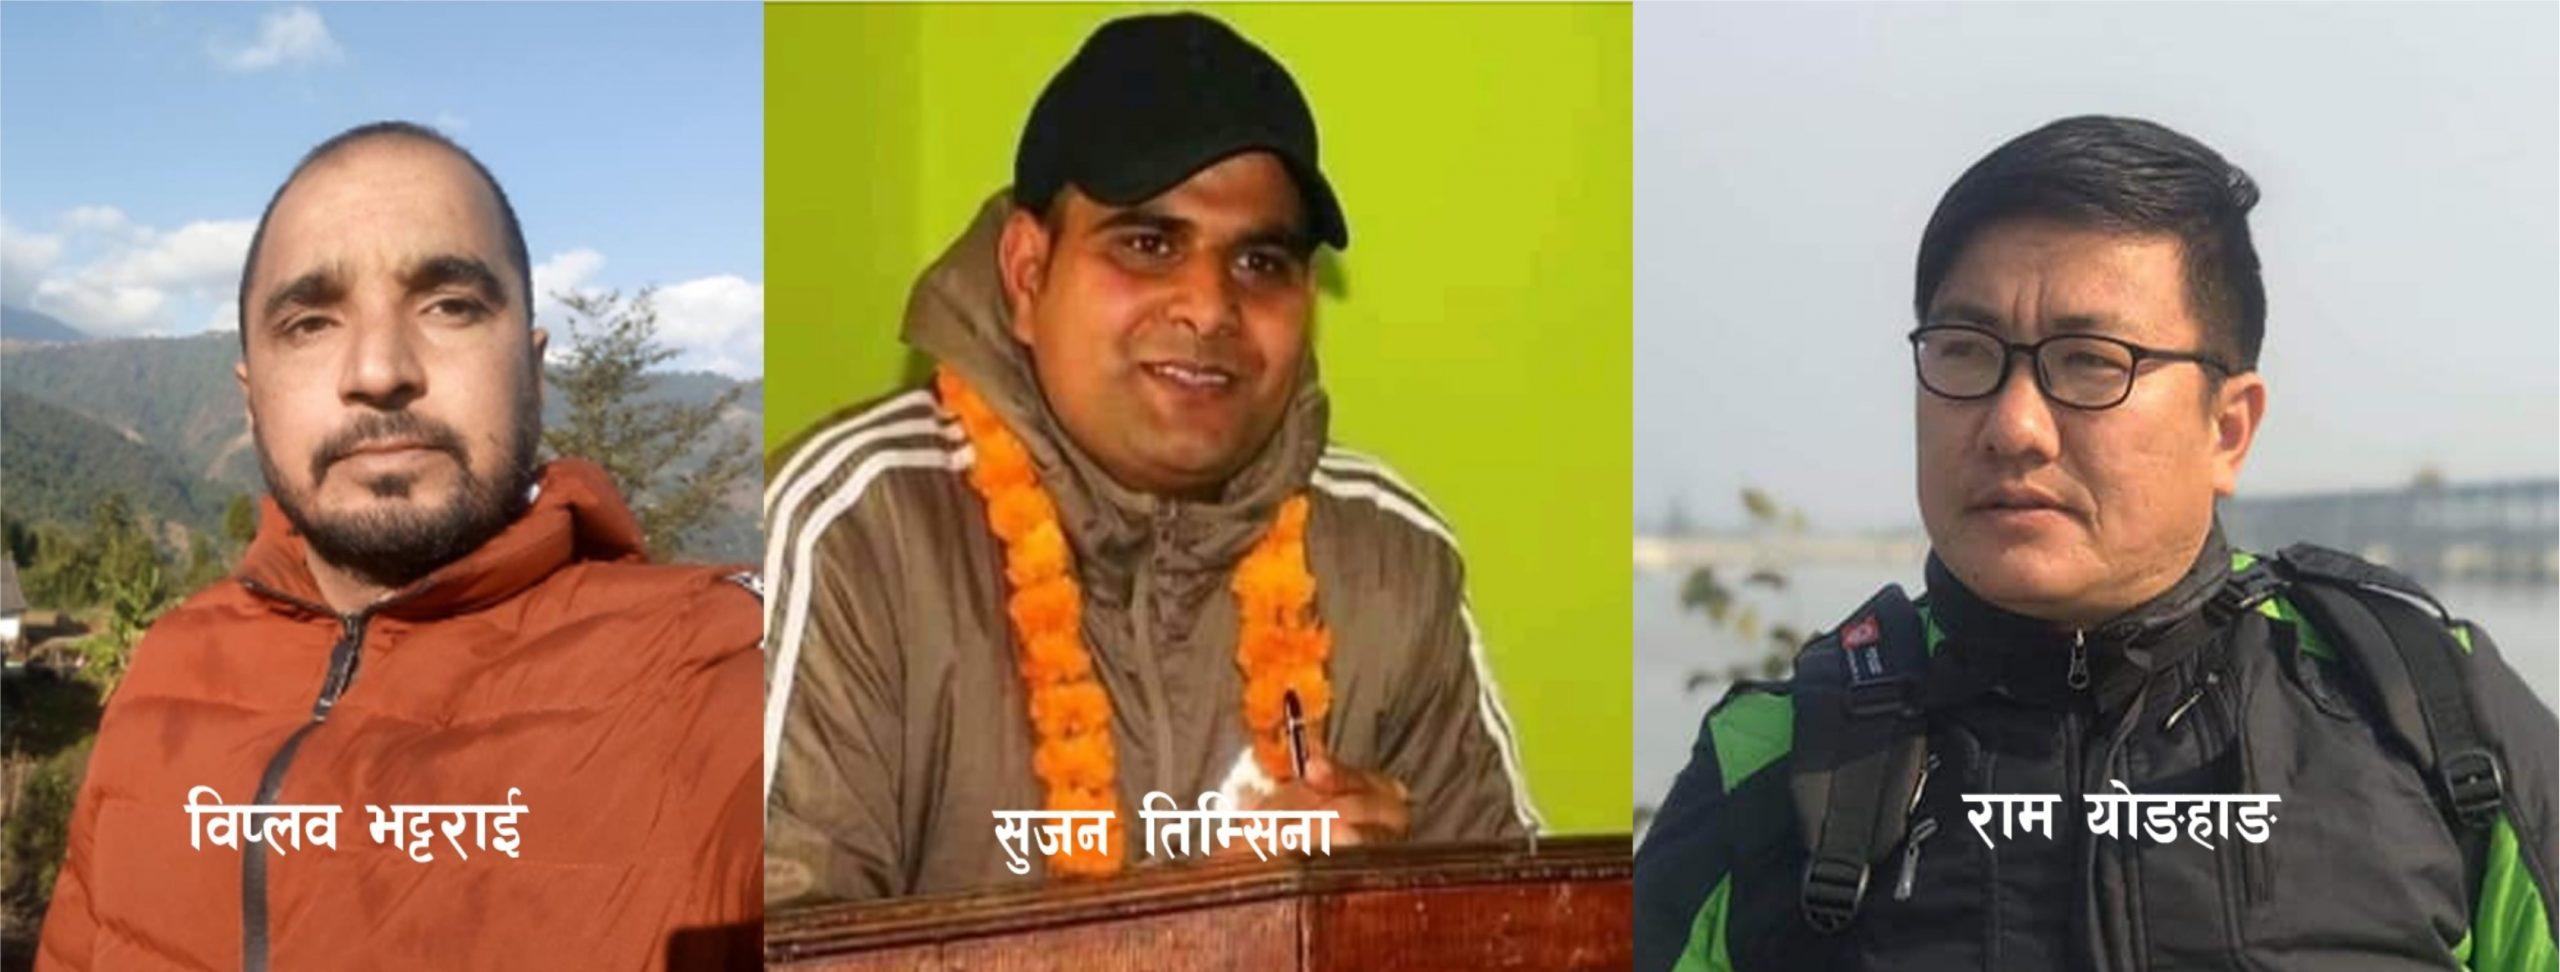 नेपाल पत्रकार महासंघ इलाम :अध्यक्षमा दुई र सचिवमा एकको उम्मेद्वारी